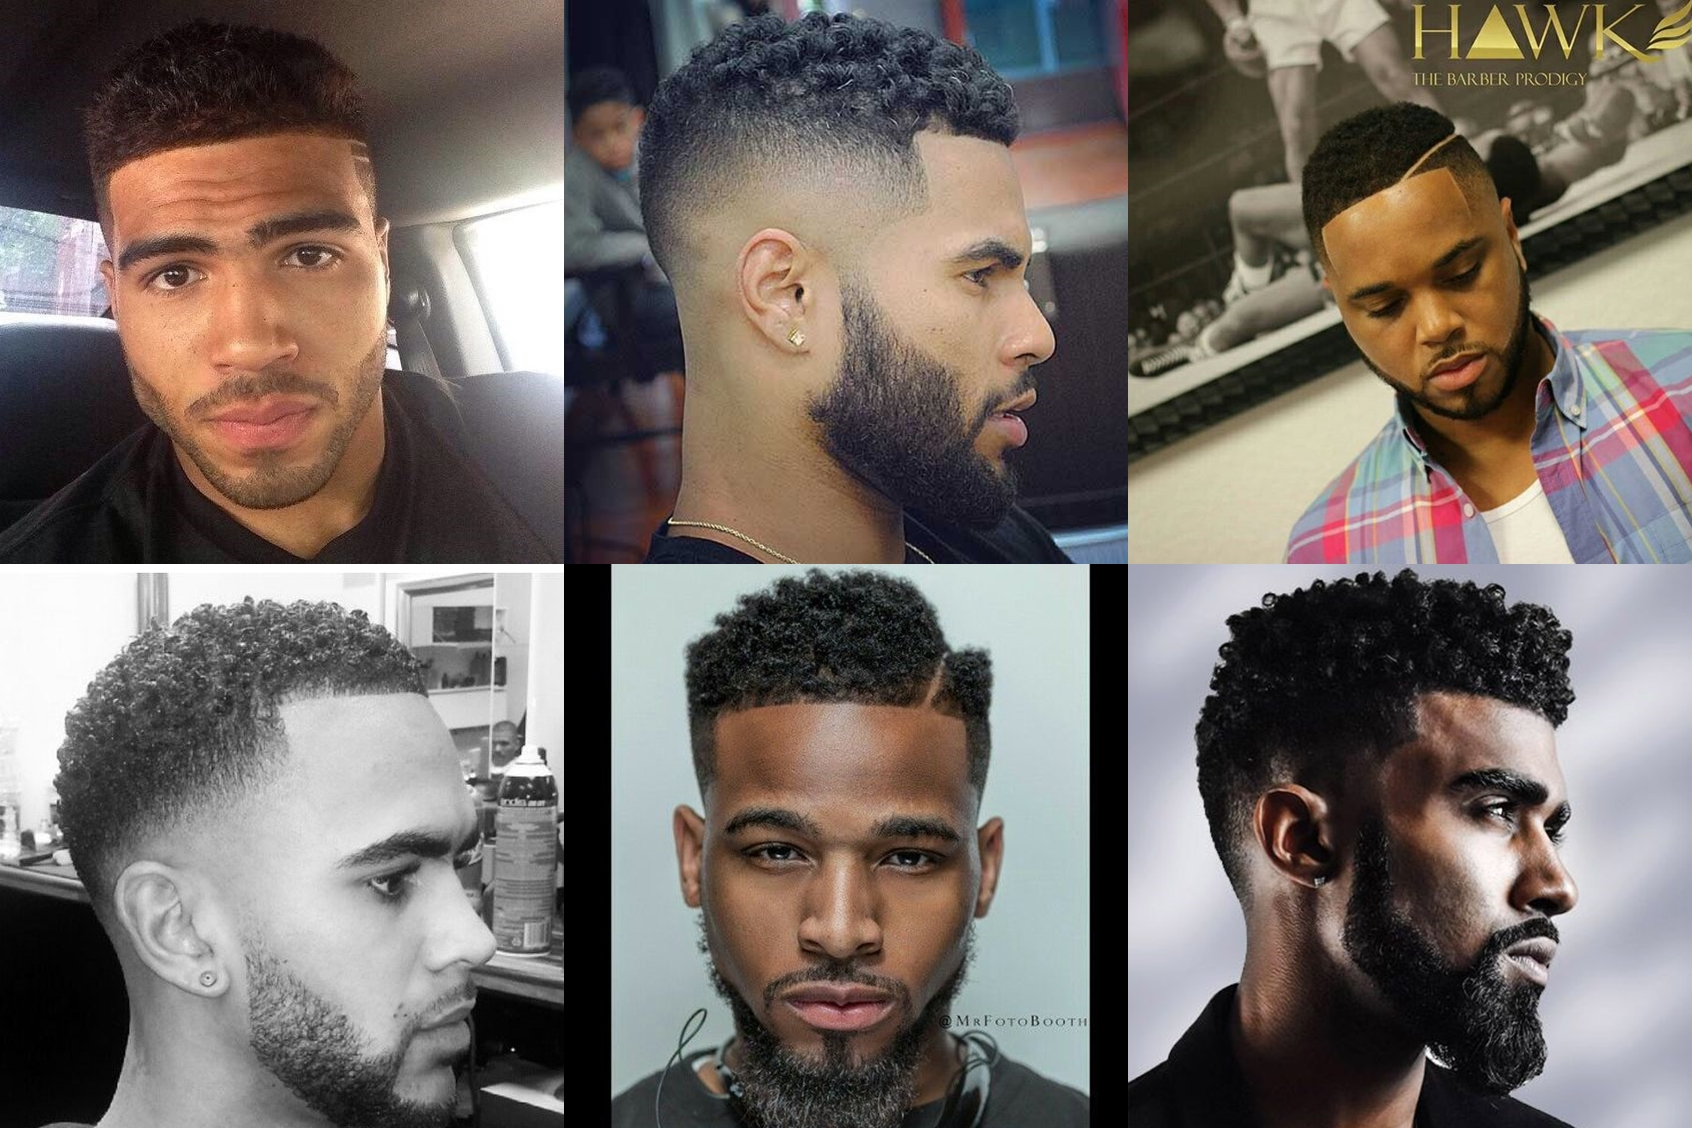 corte de cabelo afro, cortes afro, cabelo afro masculino 2016, haircut afro 2016, moda sem censura, alex cursino, corte masculino 2016, penteado masculino 2016, hairstyle, haircut, menswear, blogger, 4